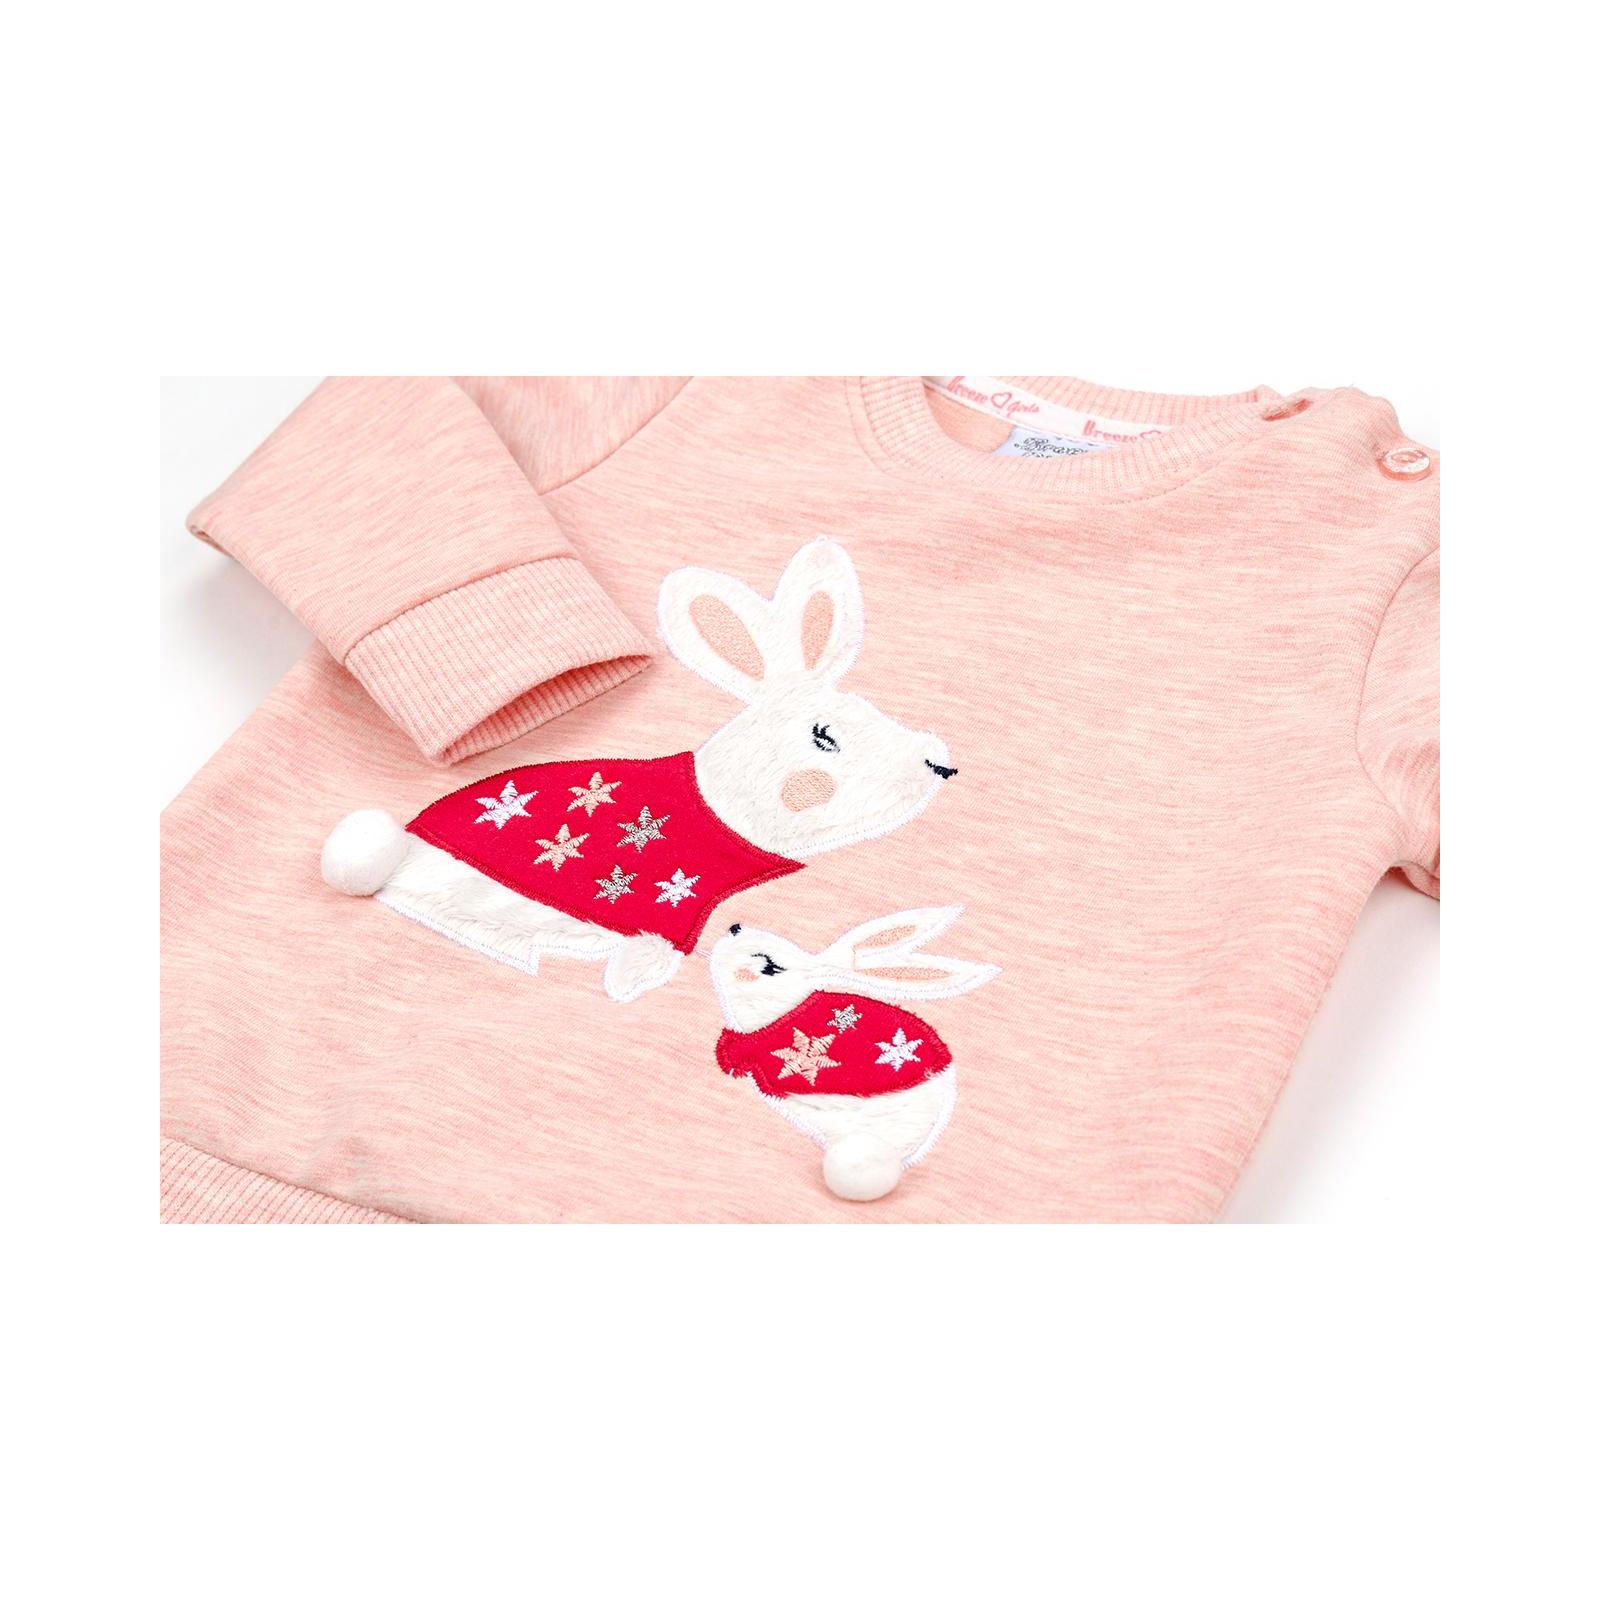 Набор детской одежды Breeze с зайчиками (10214-74G-peach) изображение 9